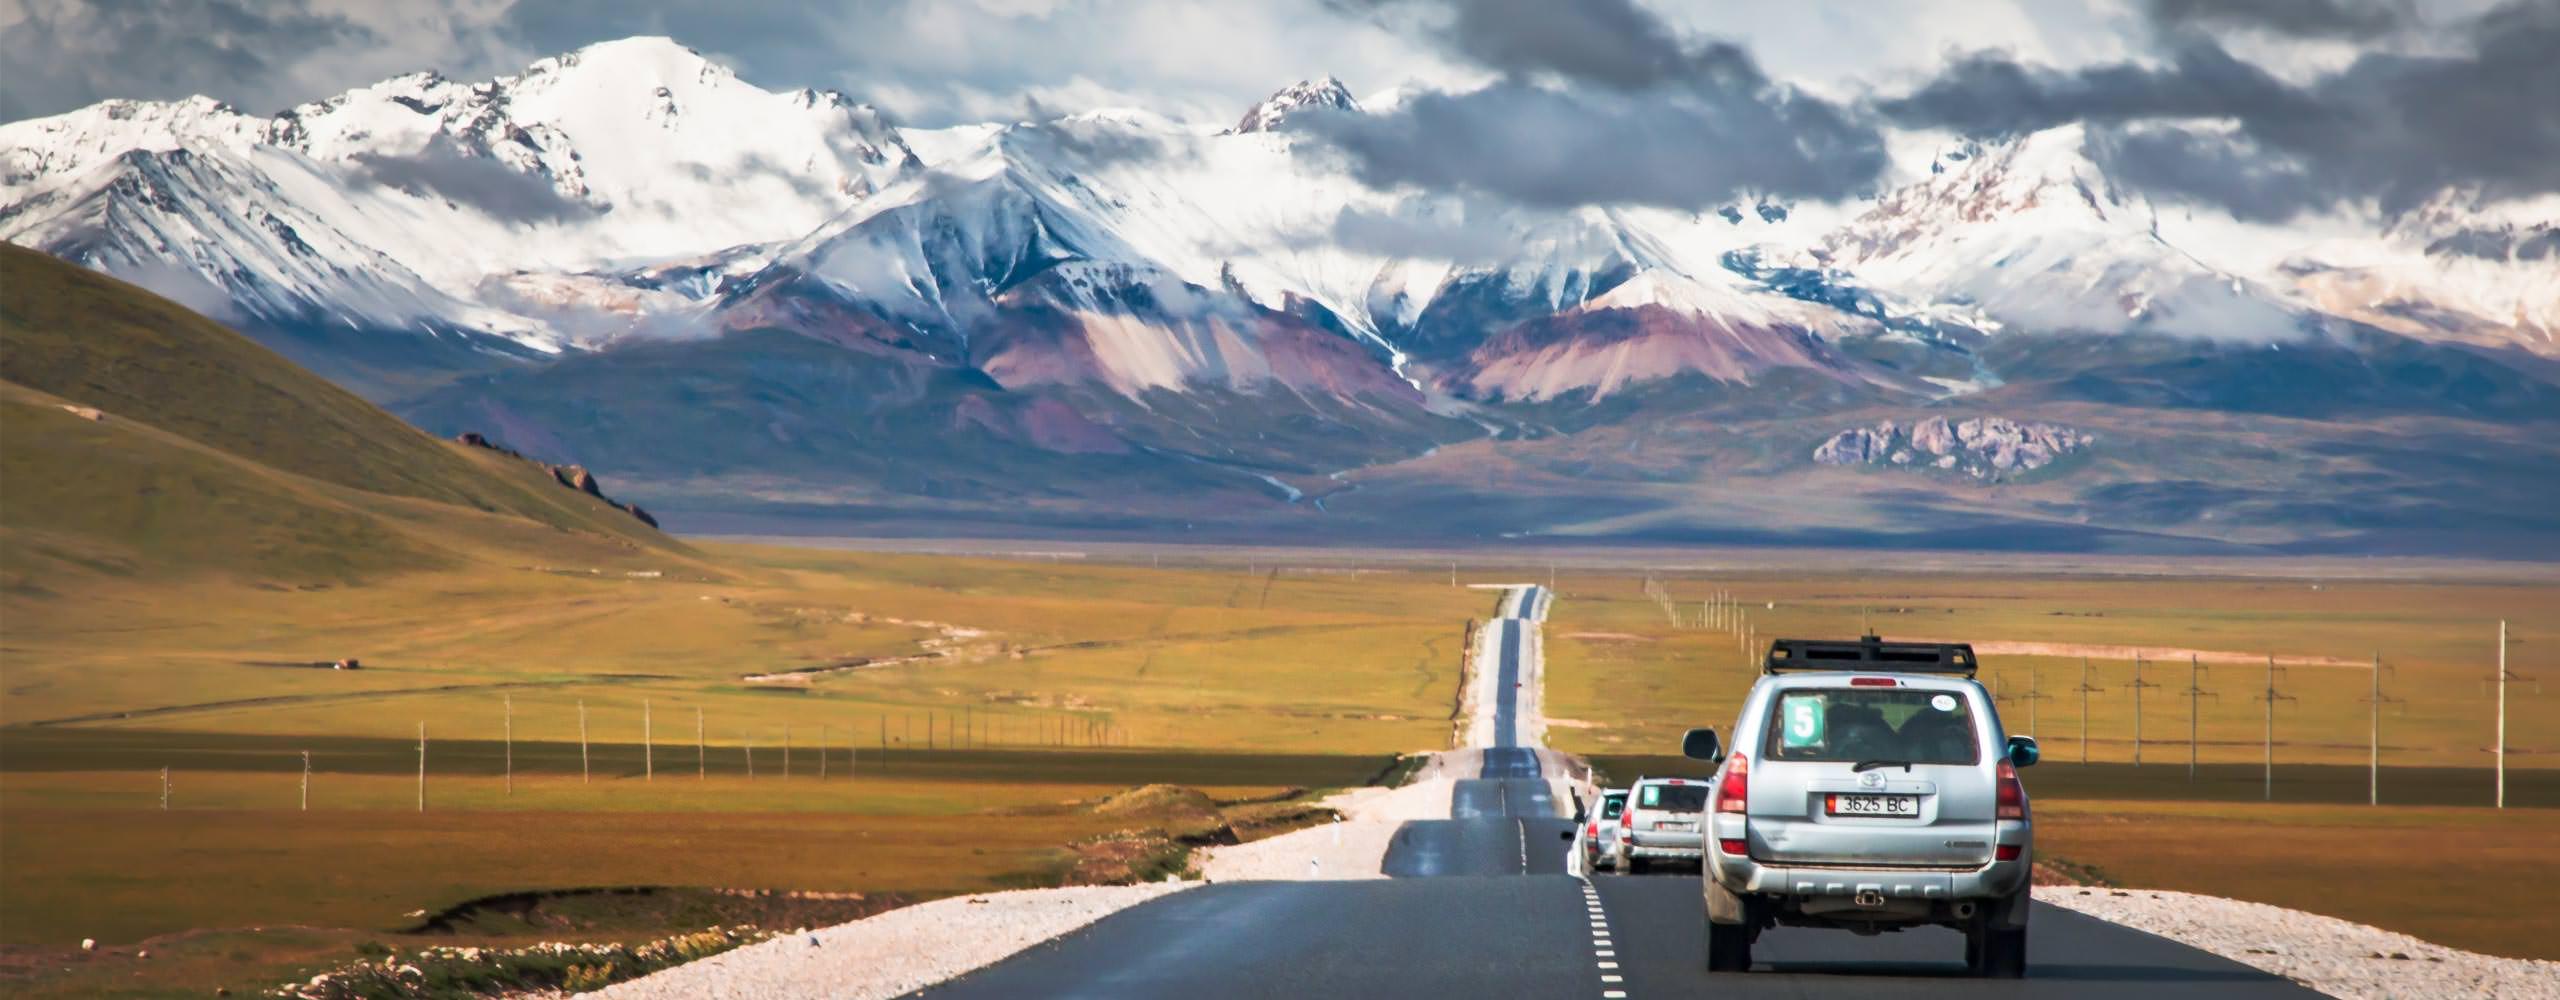 מרחבים אינסופיים - טיול ג'יפים לקירגיזסטן